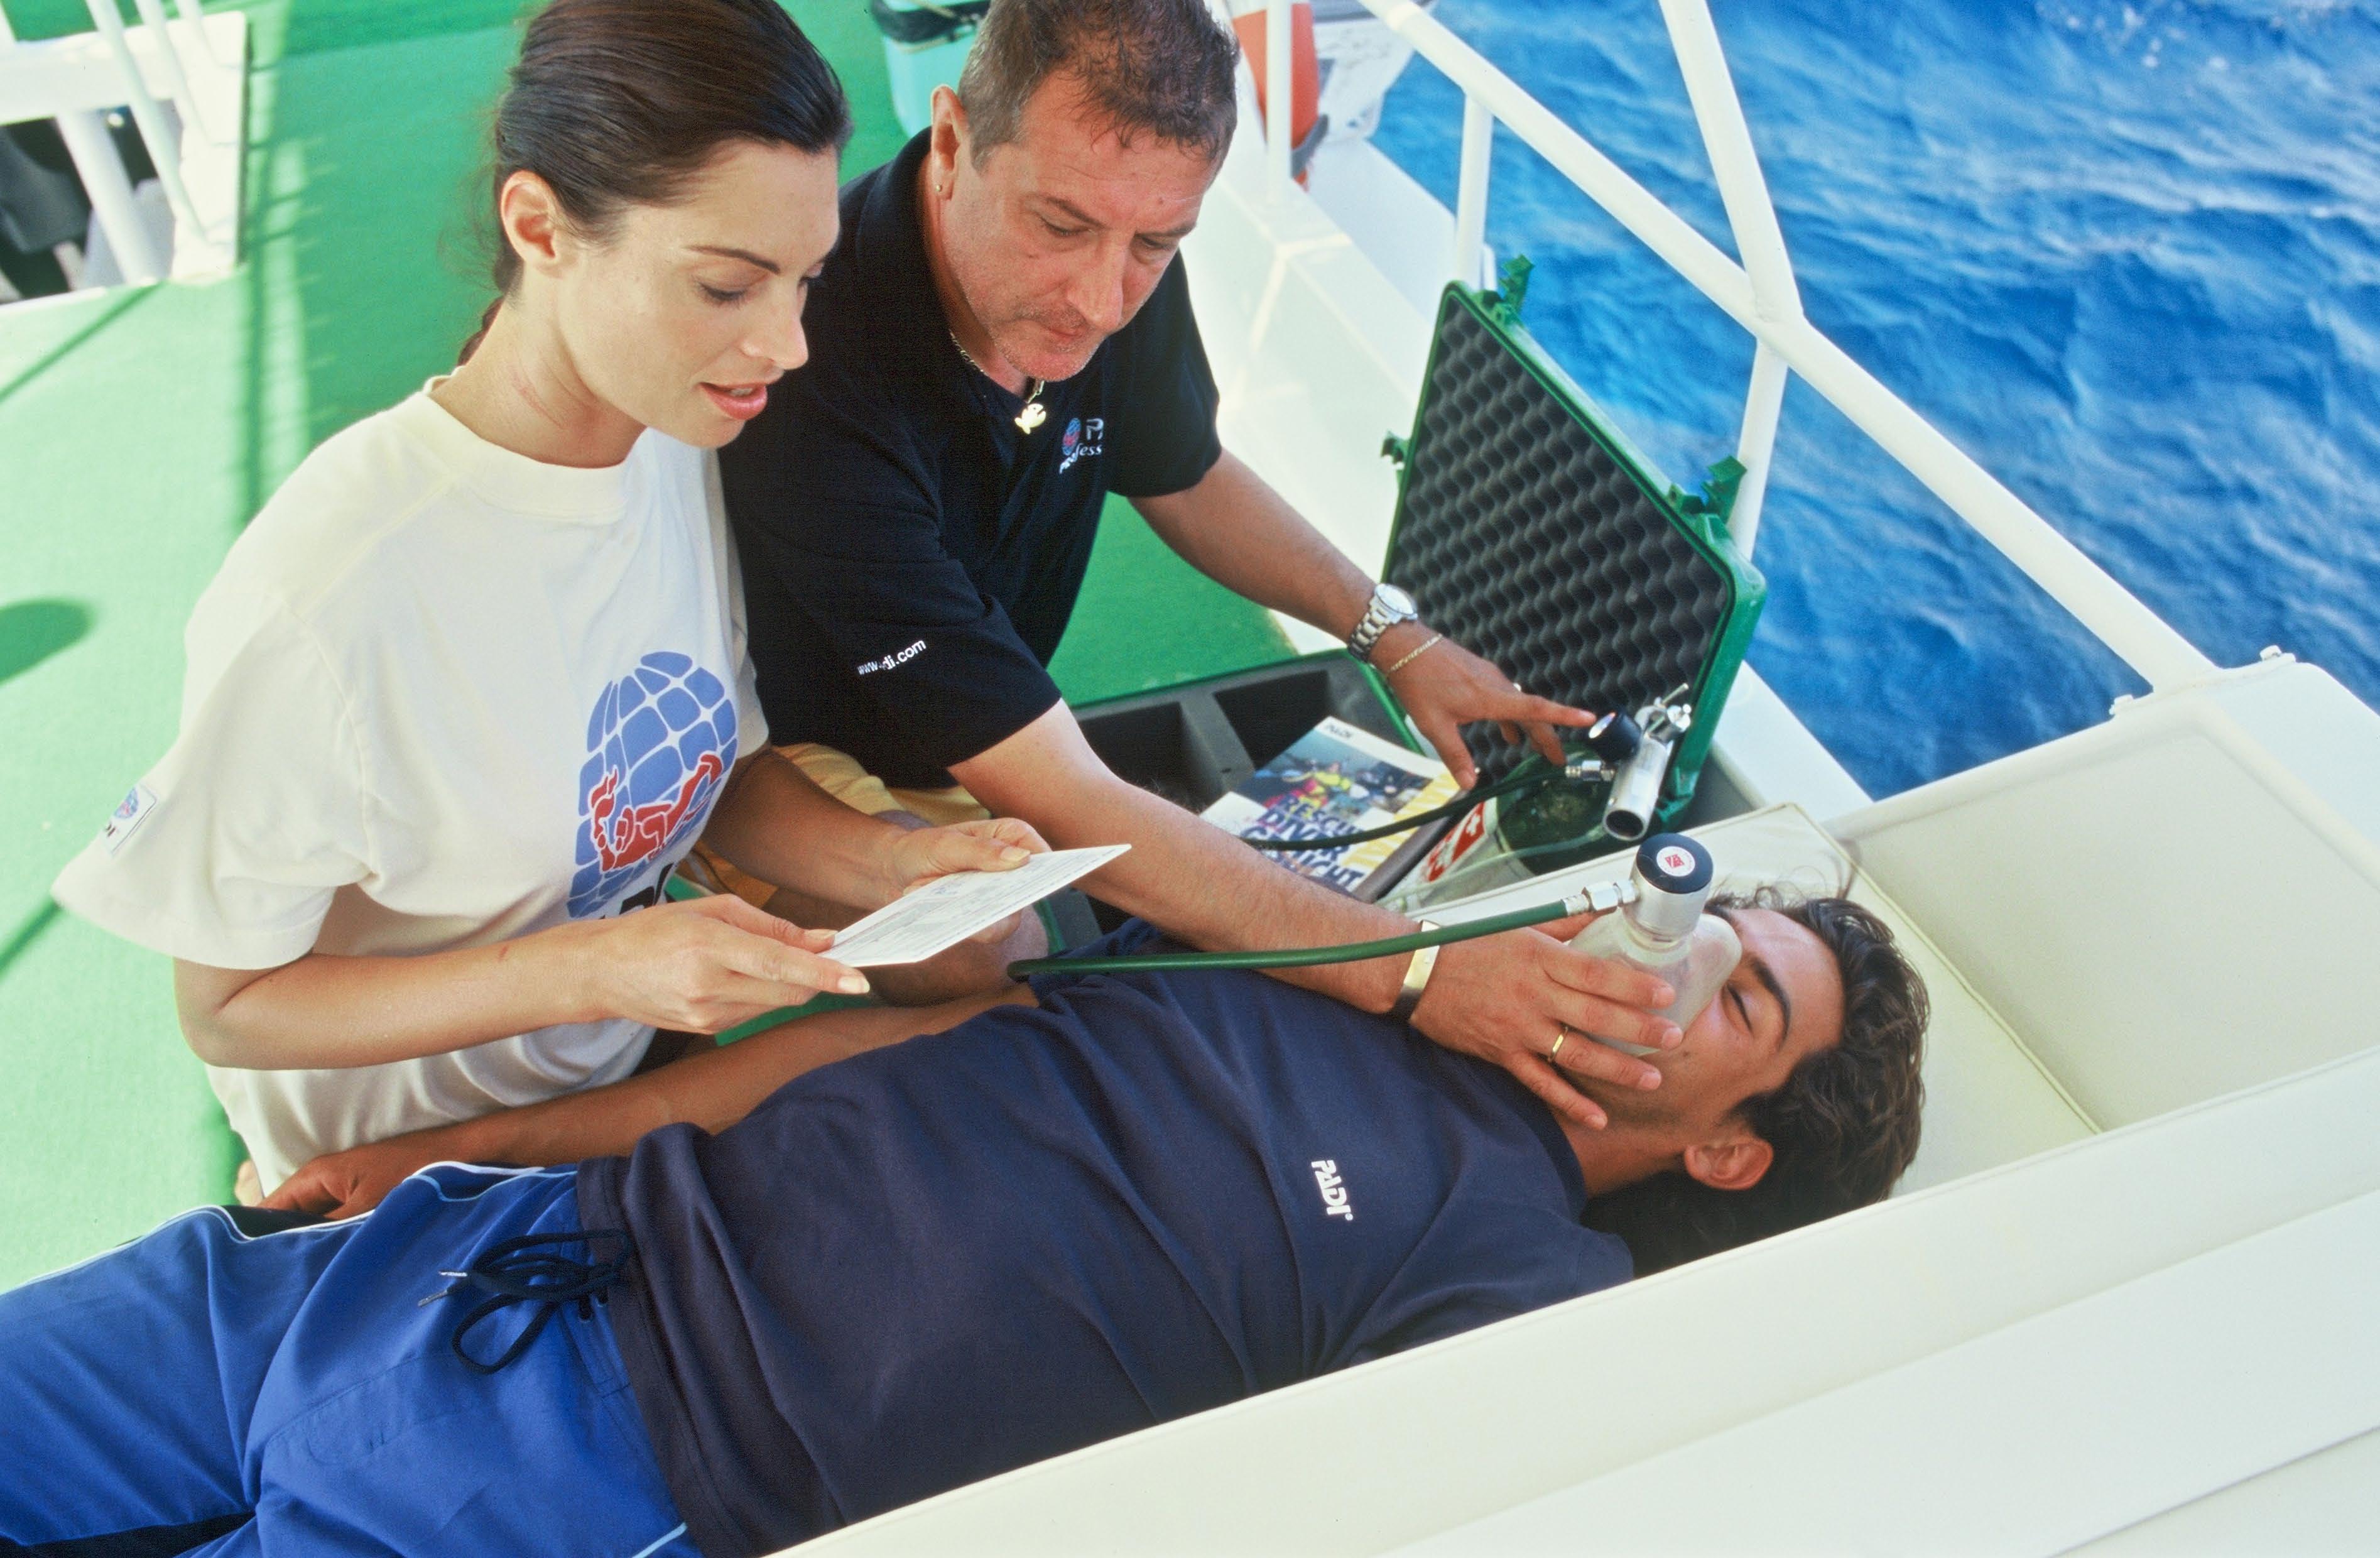 emergencia médica a bordo